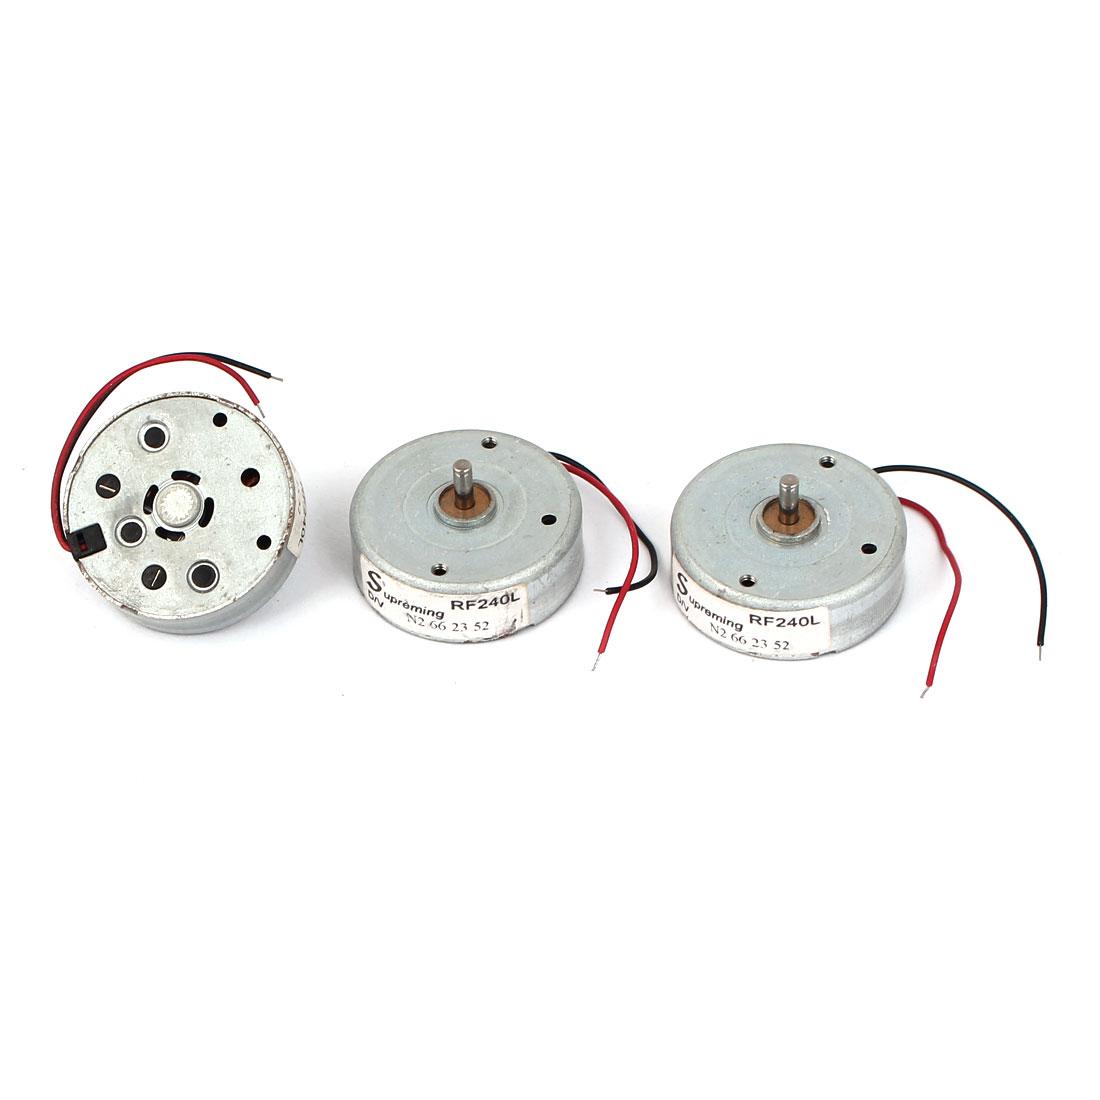 2 Pcs DC 1.5-4.5V 3200RPM 10x24mm Electric Mini Motor for CD DVD Player